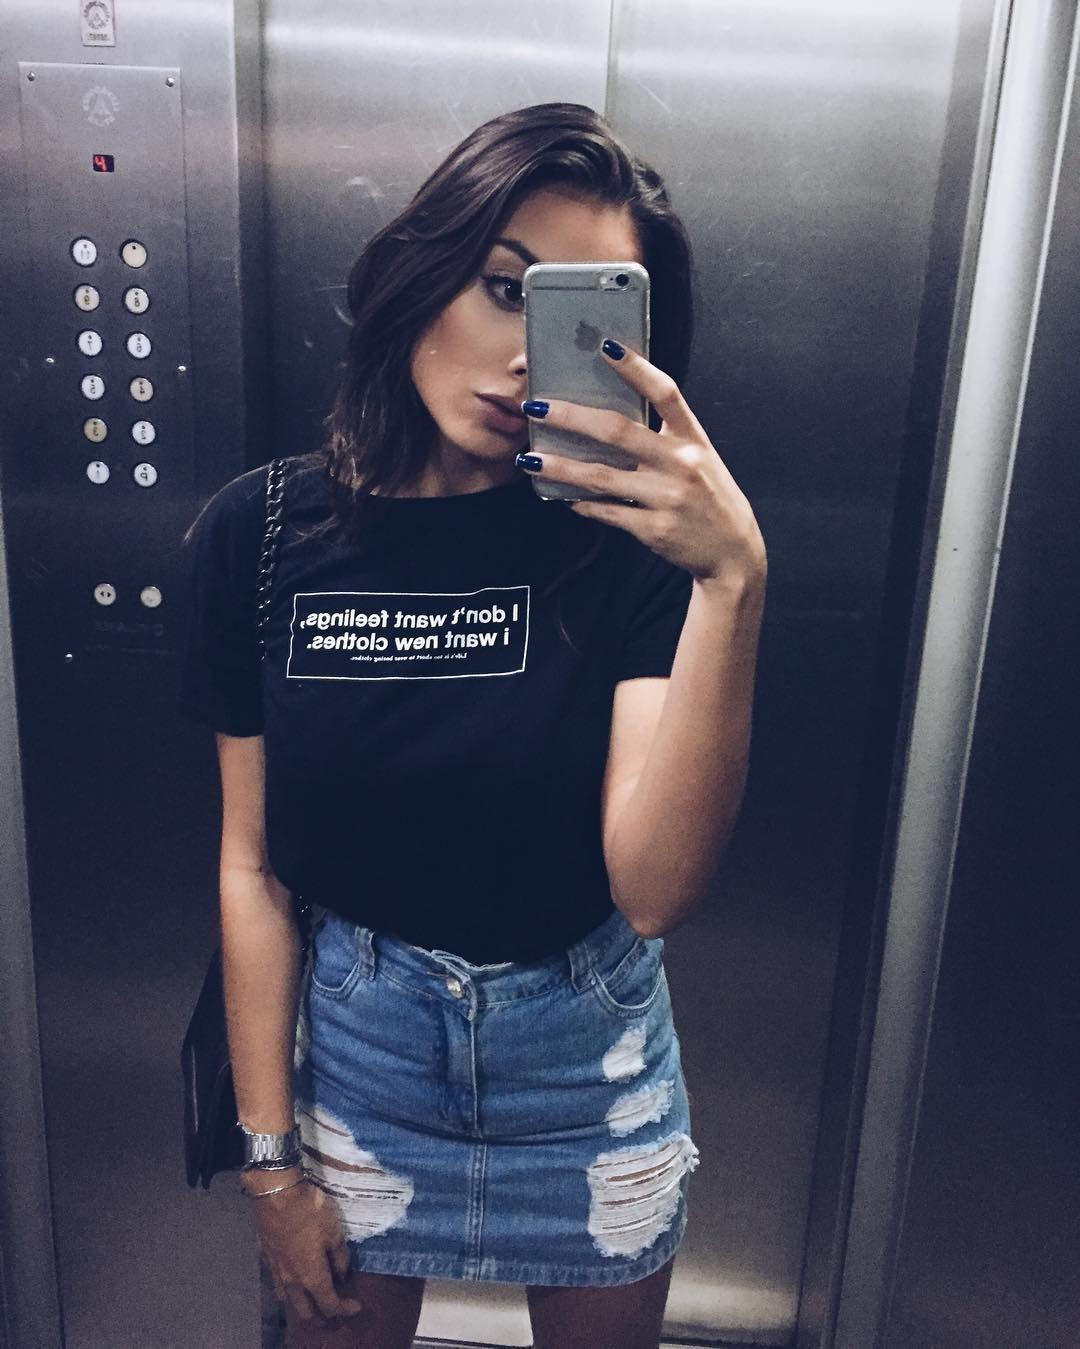 Юбка с футболкой фото 11